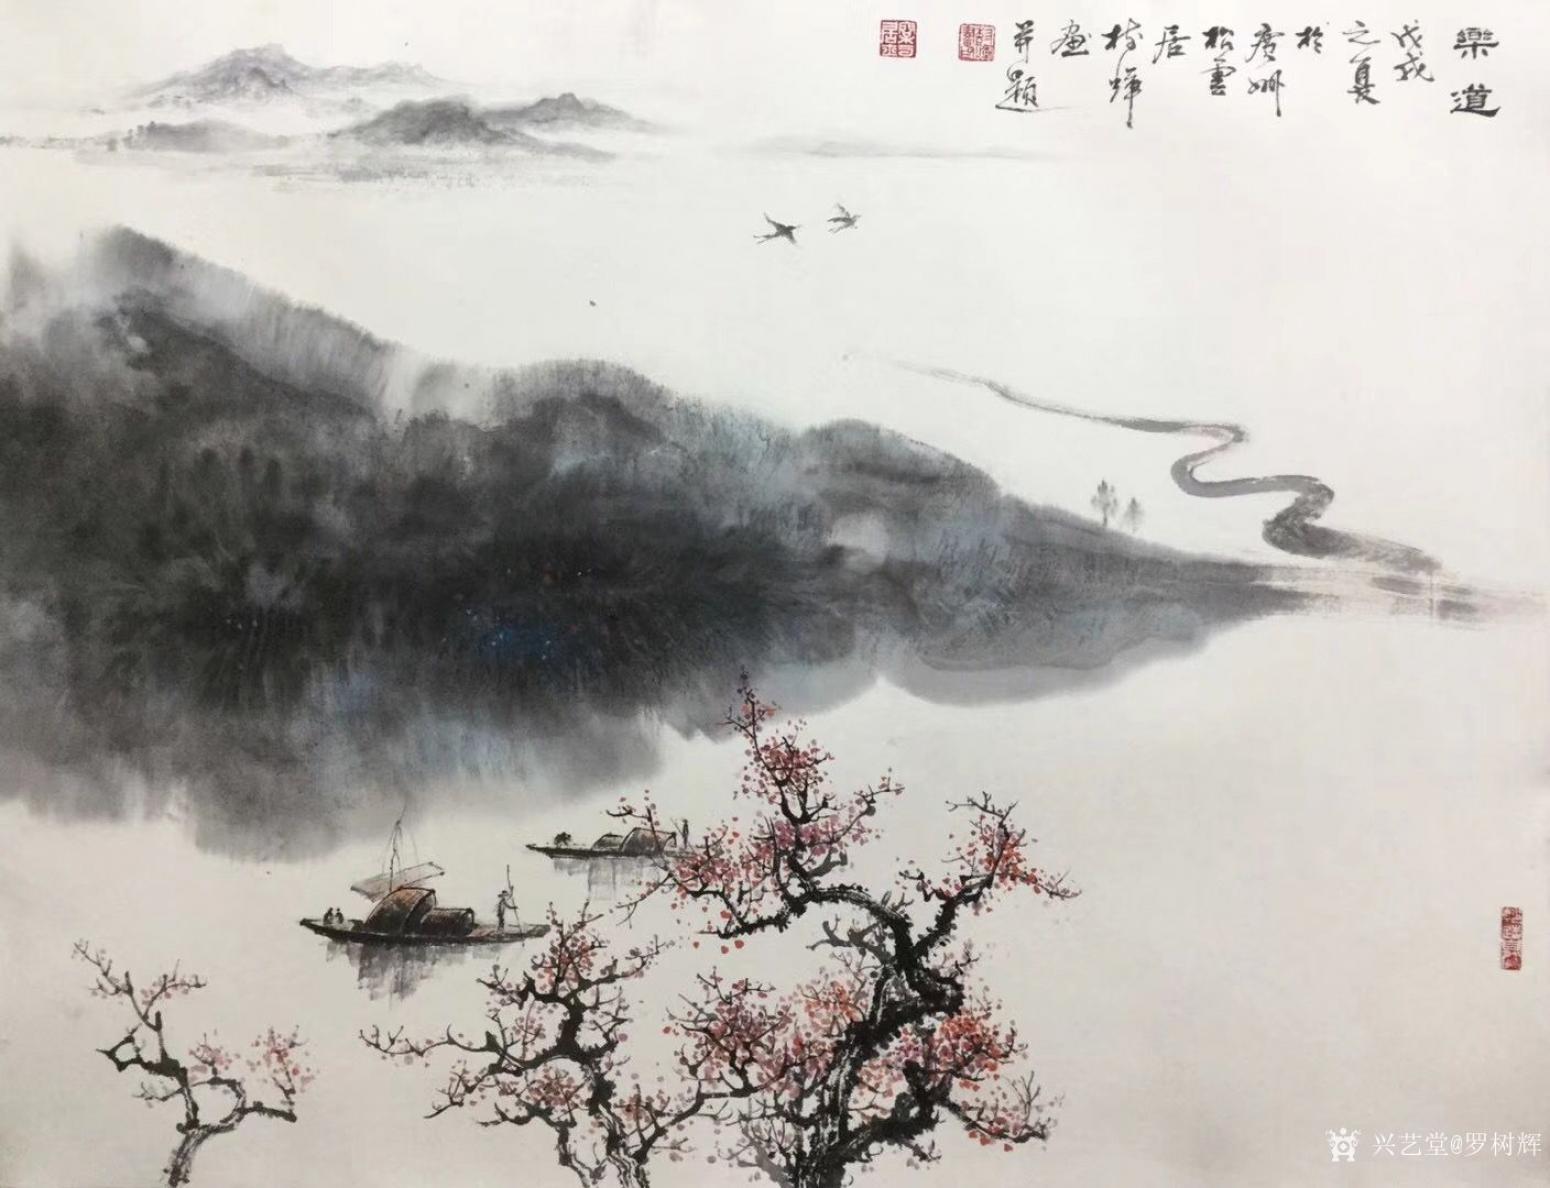 罗树辉国画作品《禅妙》【图0】